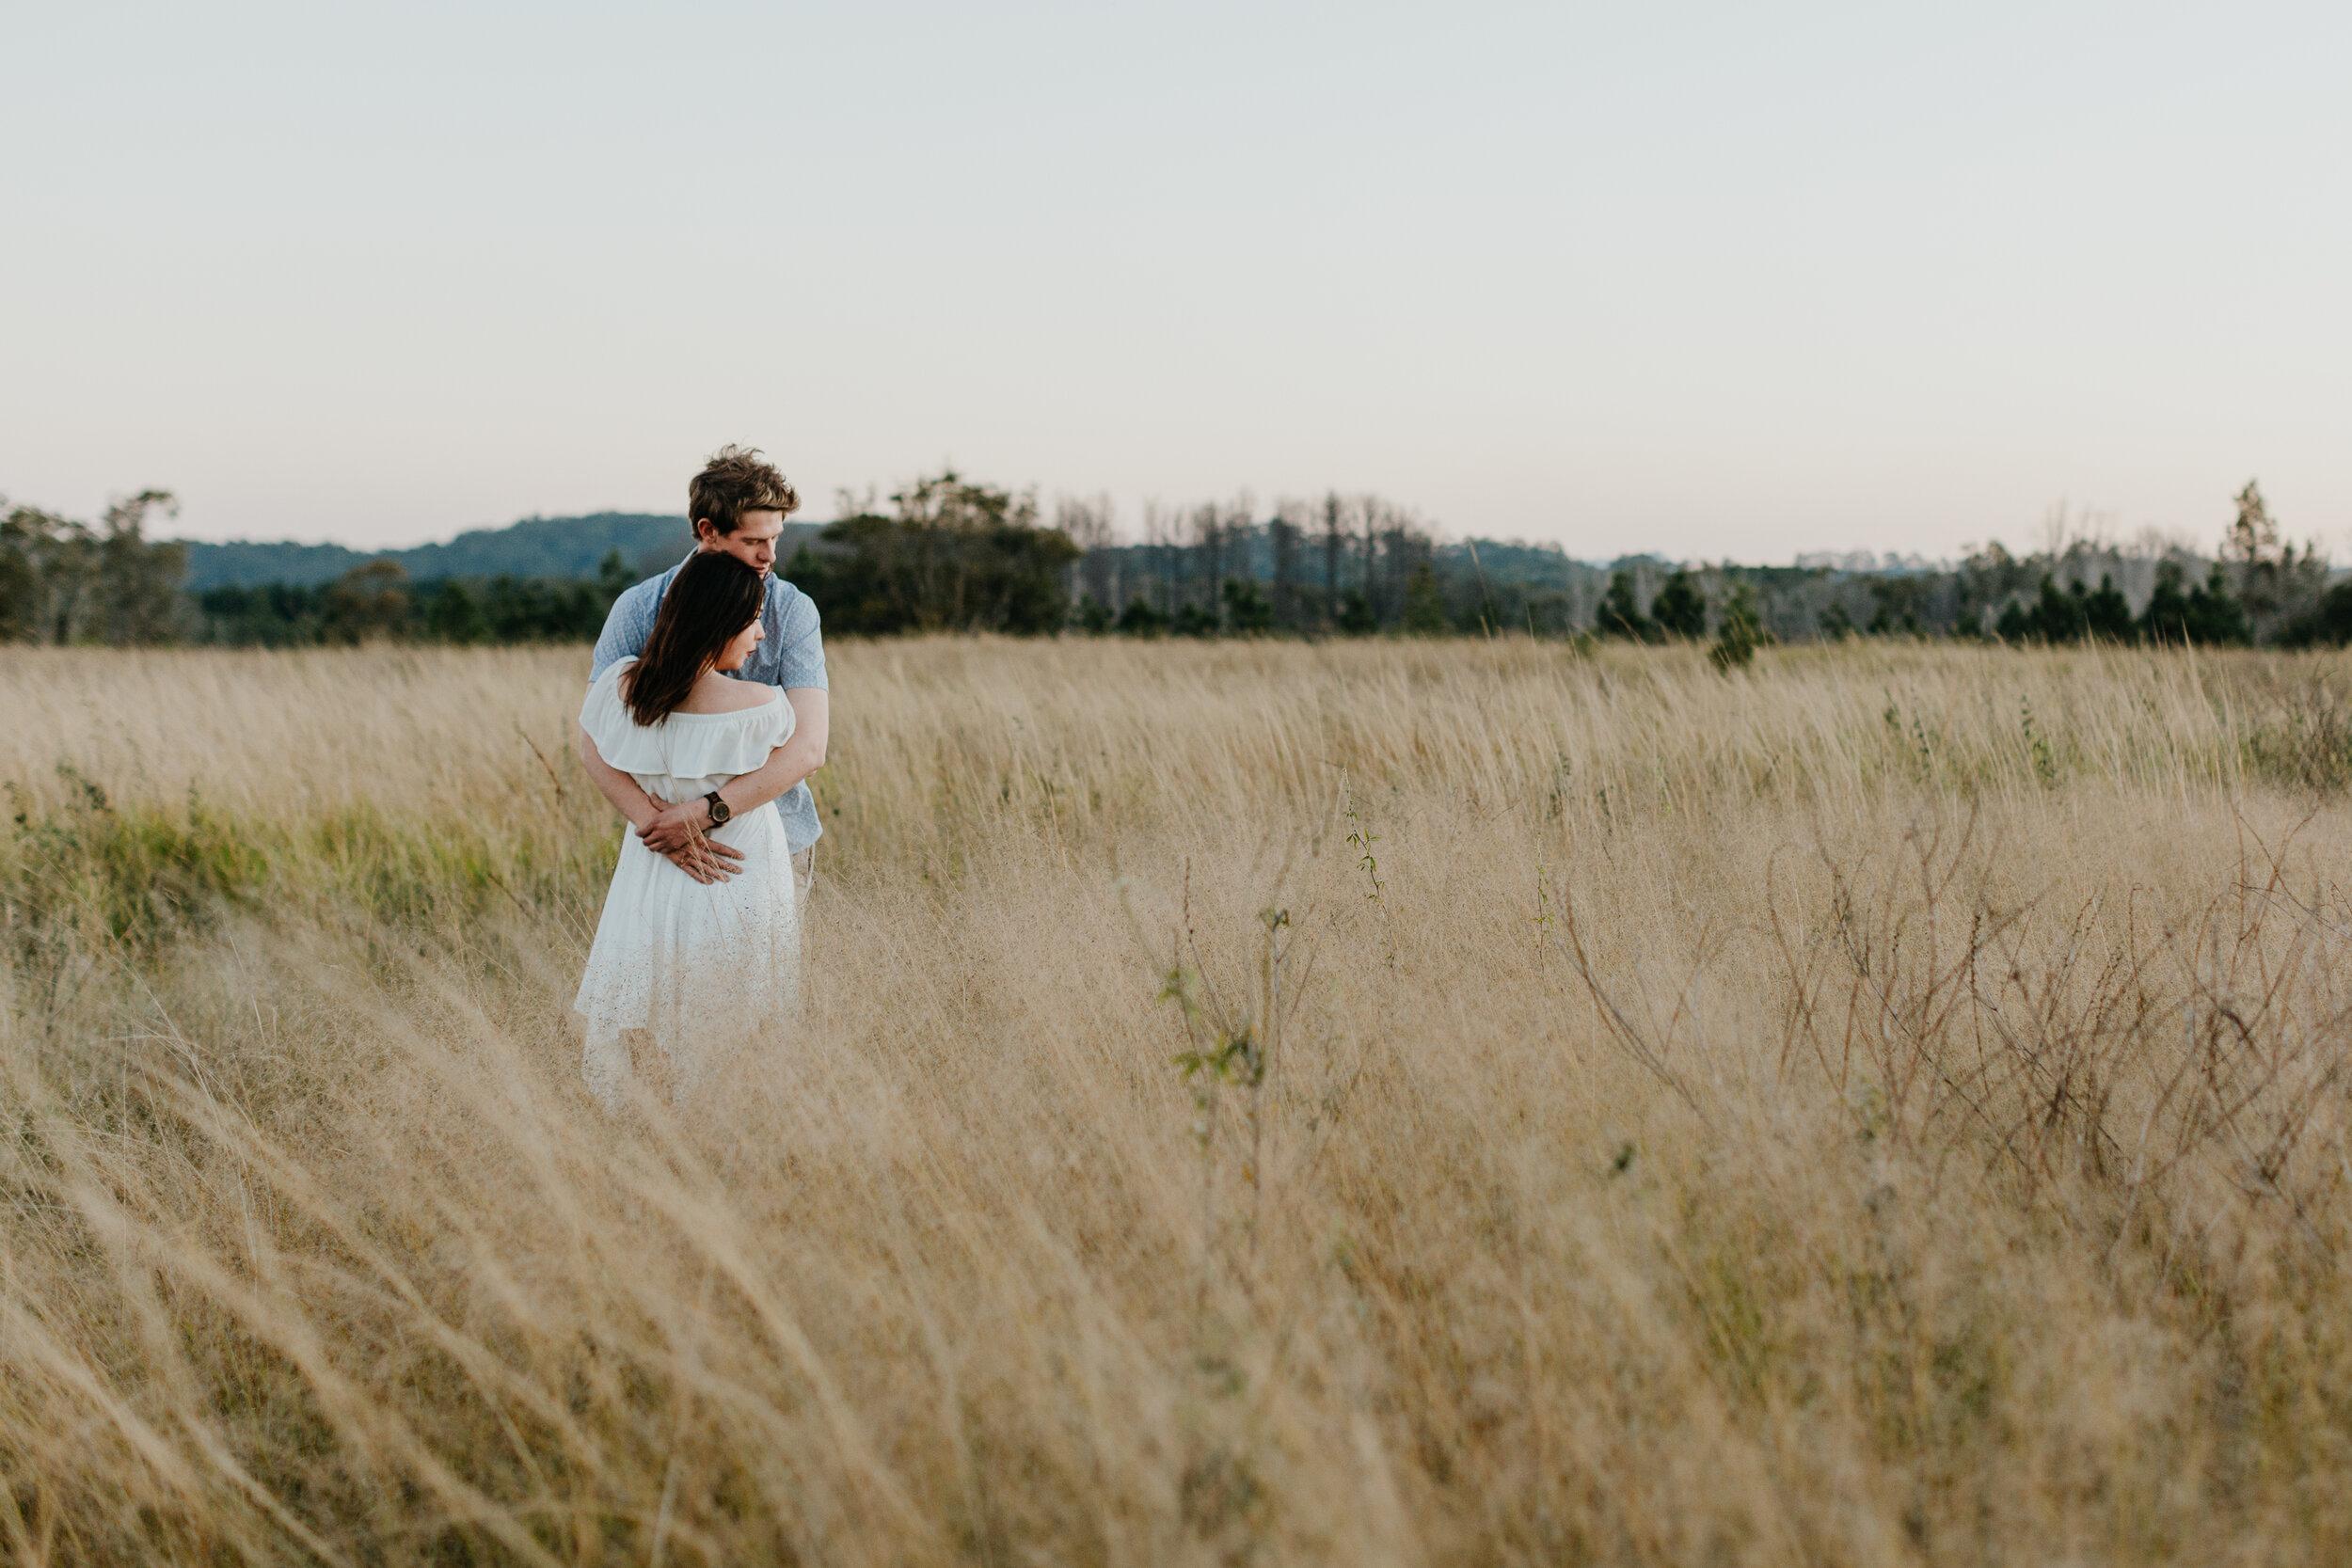 Casuarina Engagement Session - Gold Coast Wedding Photographer-28.jpg